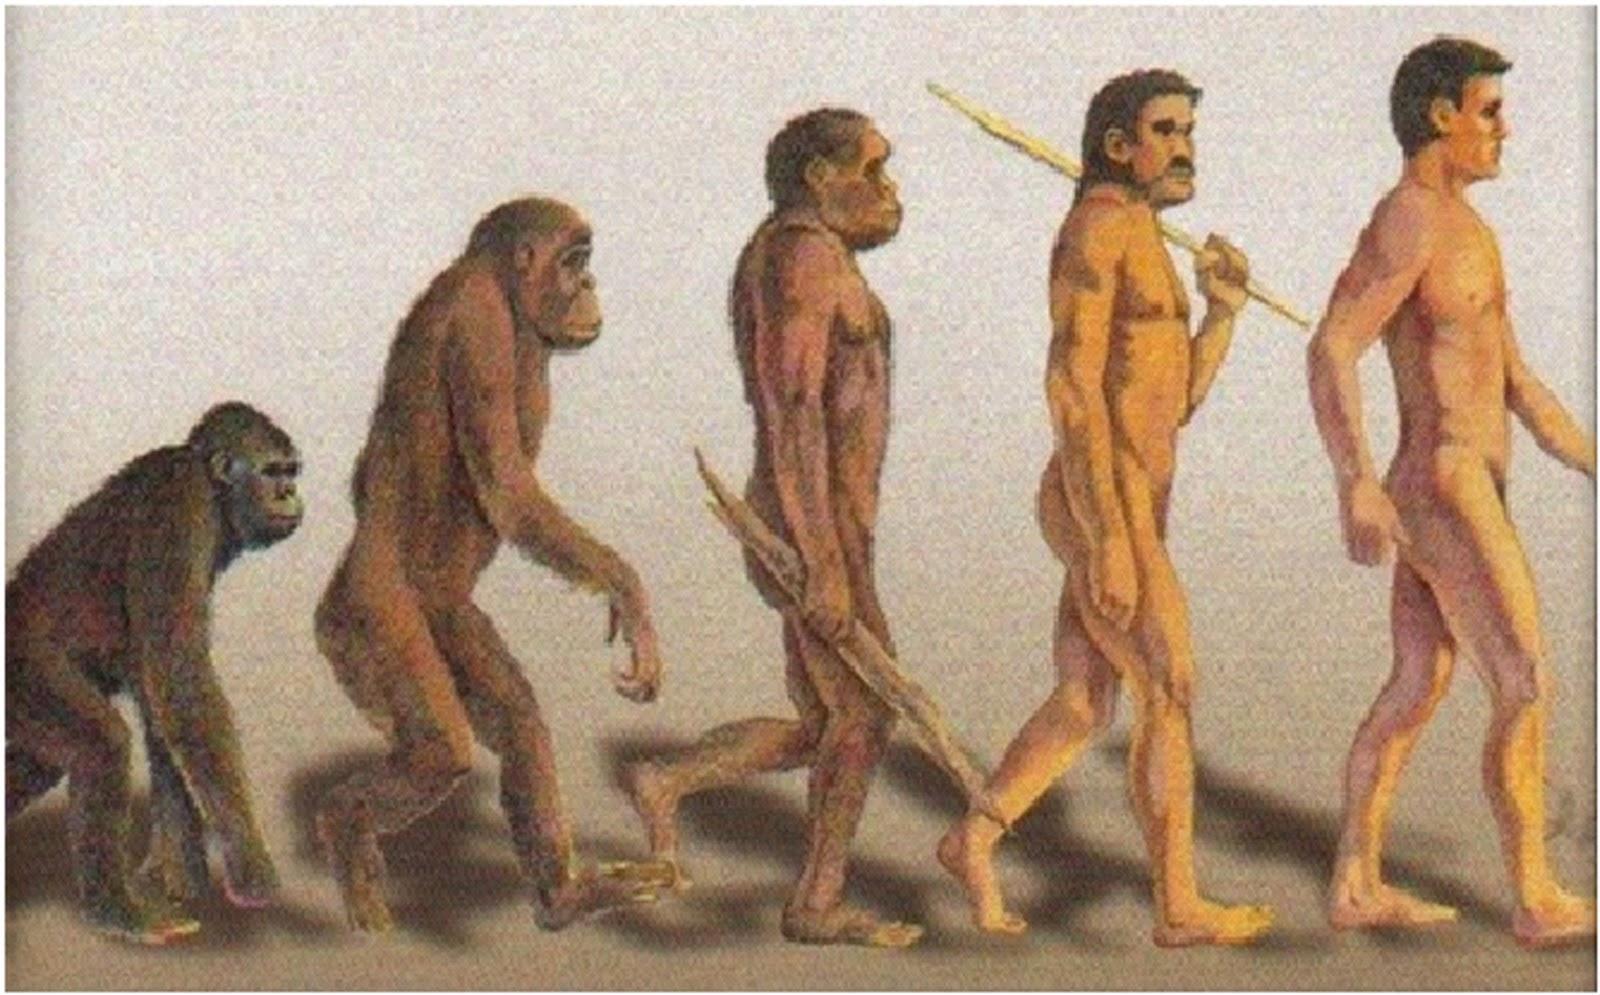 Ученые выяснили, что мутация помогла человеку встать на ноги.